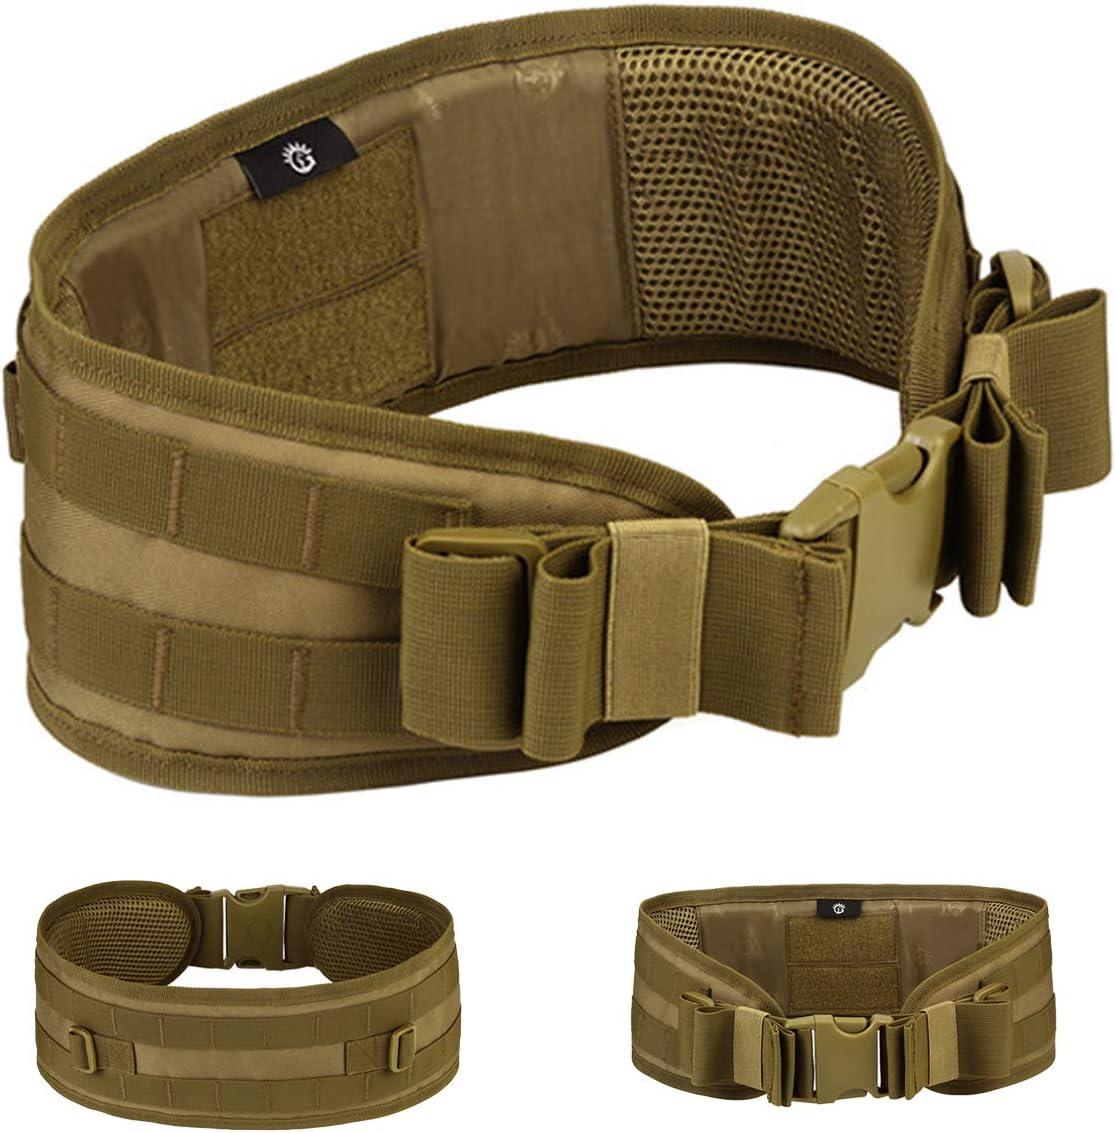 Selighting Cinturón de Utilidad Molle Táctica Militar de Nylón Cintura de Protección